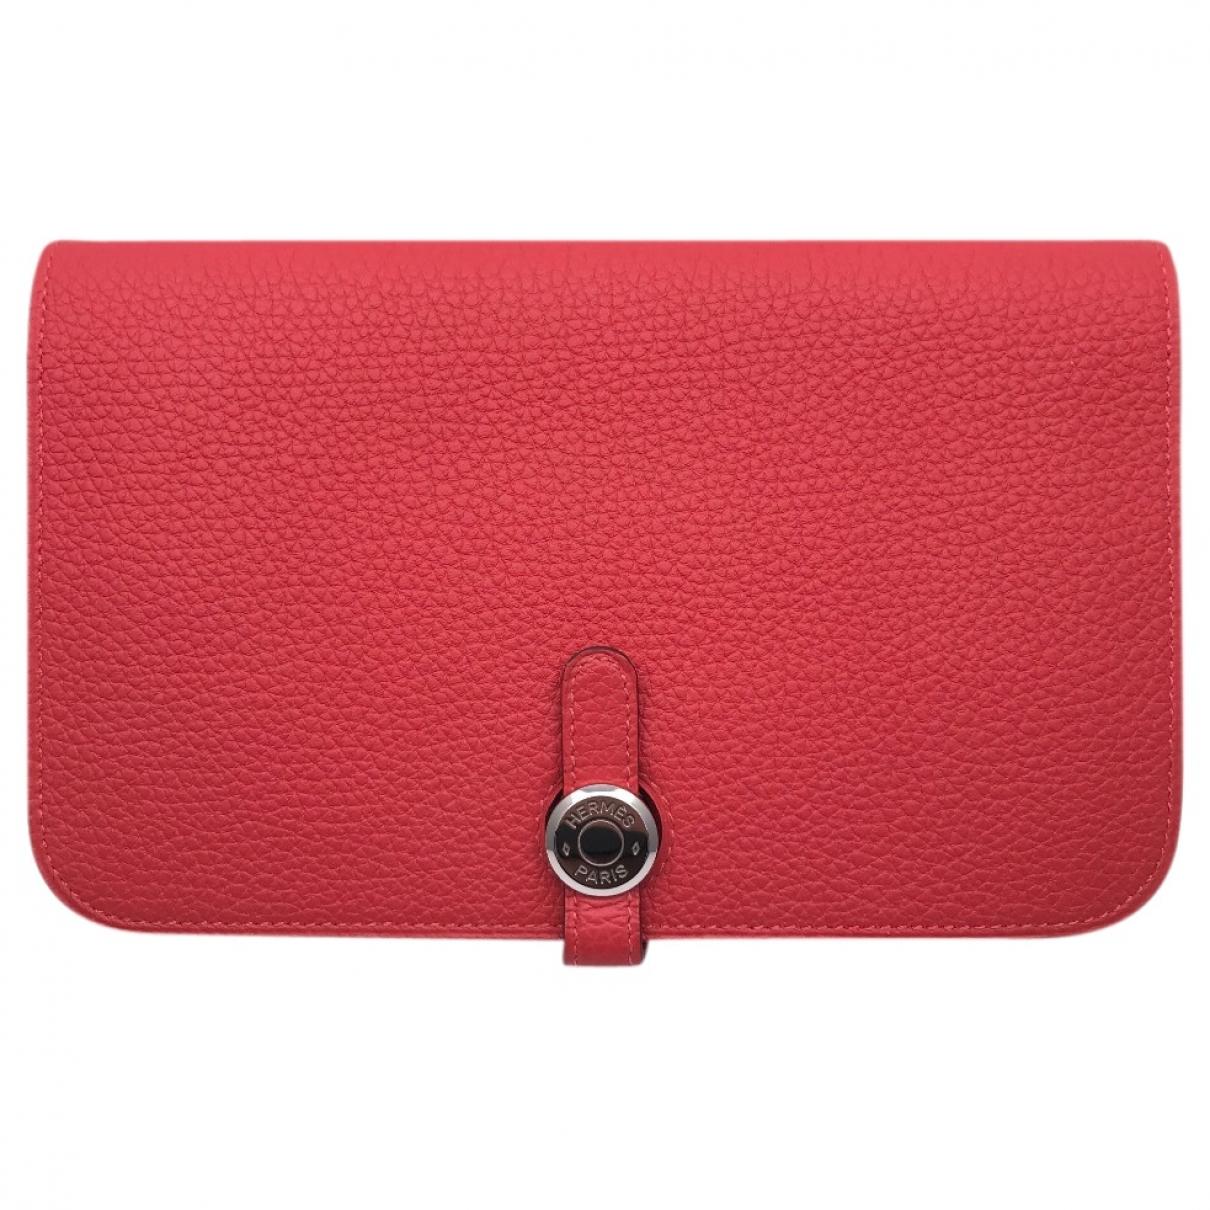 Hermes - Portefeuille Dogon pour femme en cuir - rouge